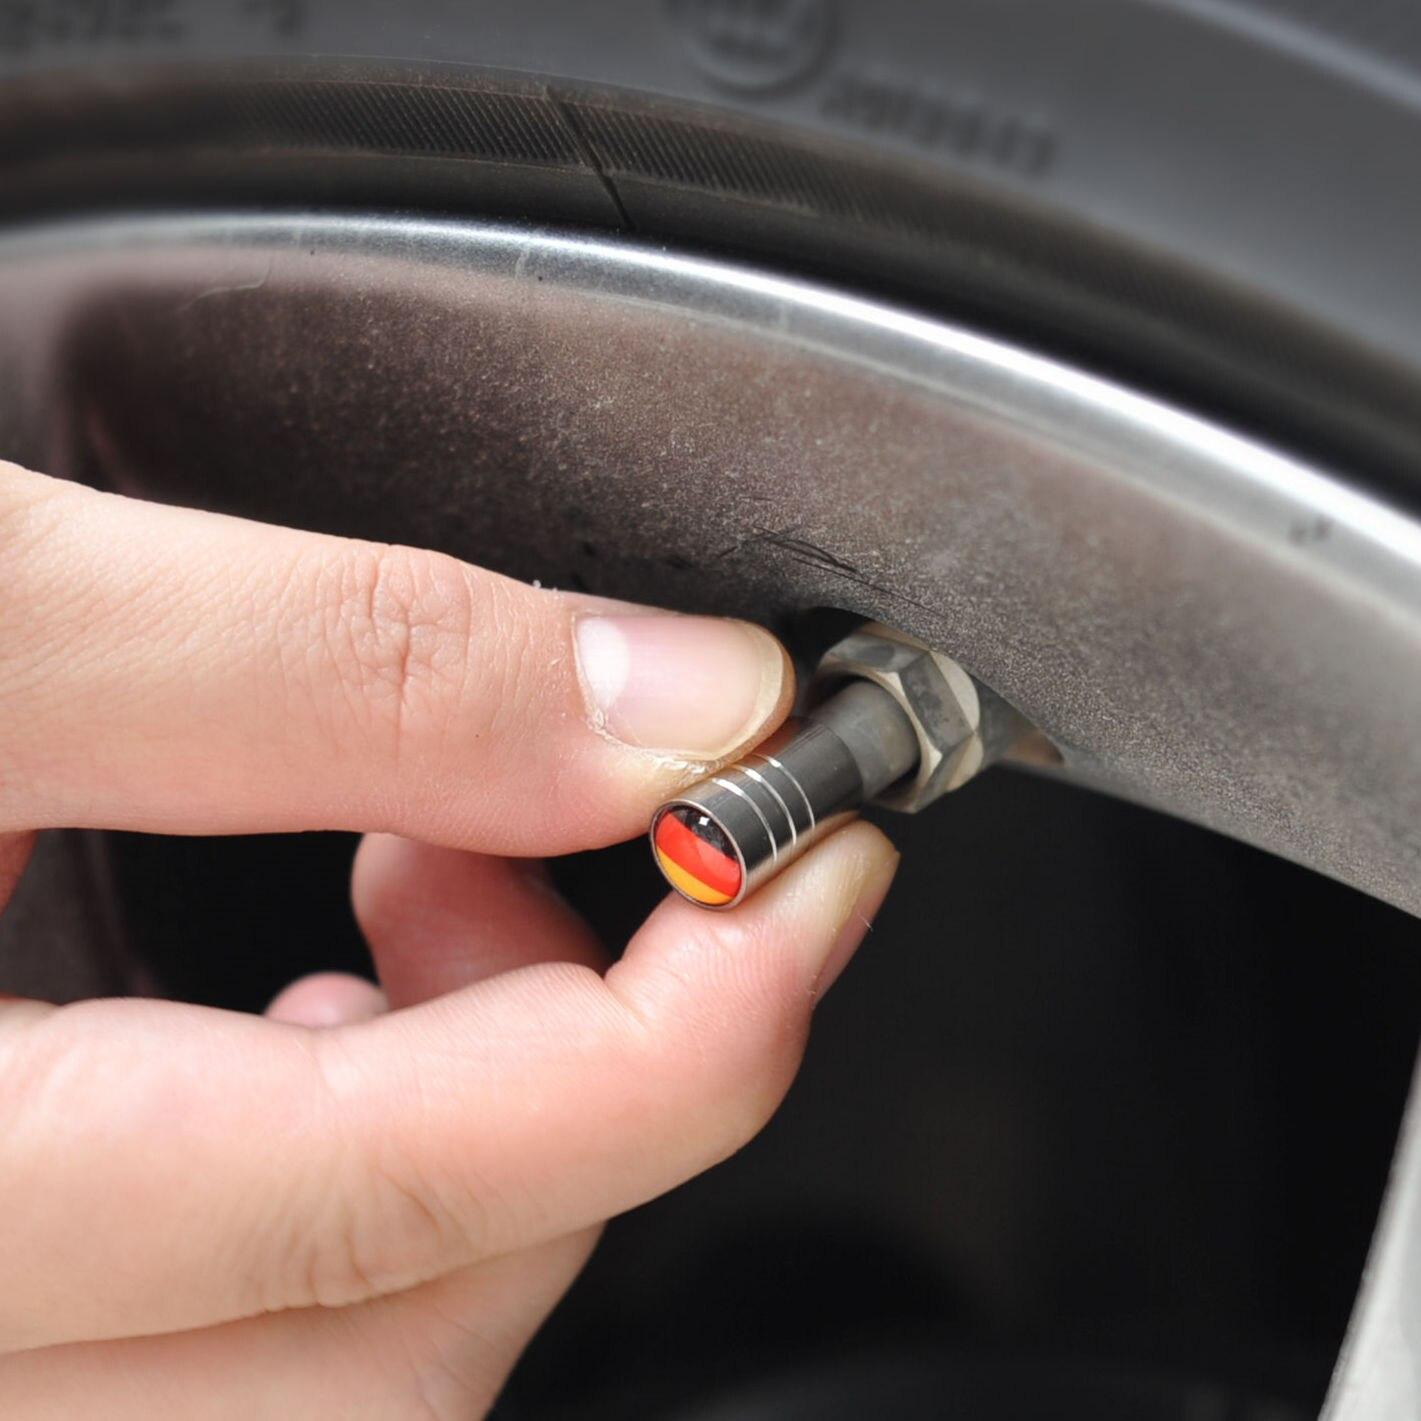 4pcs Wheel Tire Valve Caps Stem case for Kia Rio K2 K3 K5 K4 K9 K900 KX3 KX5 KX7 Cerato Soul Forte Sportage